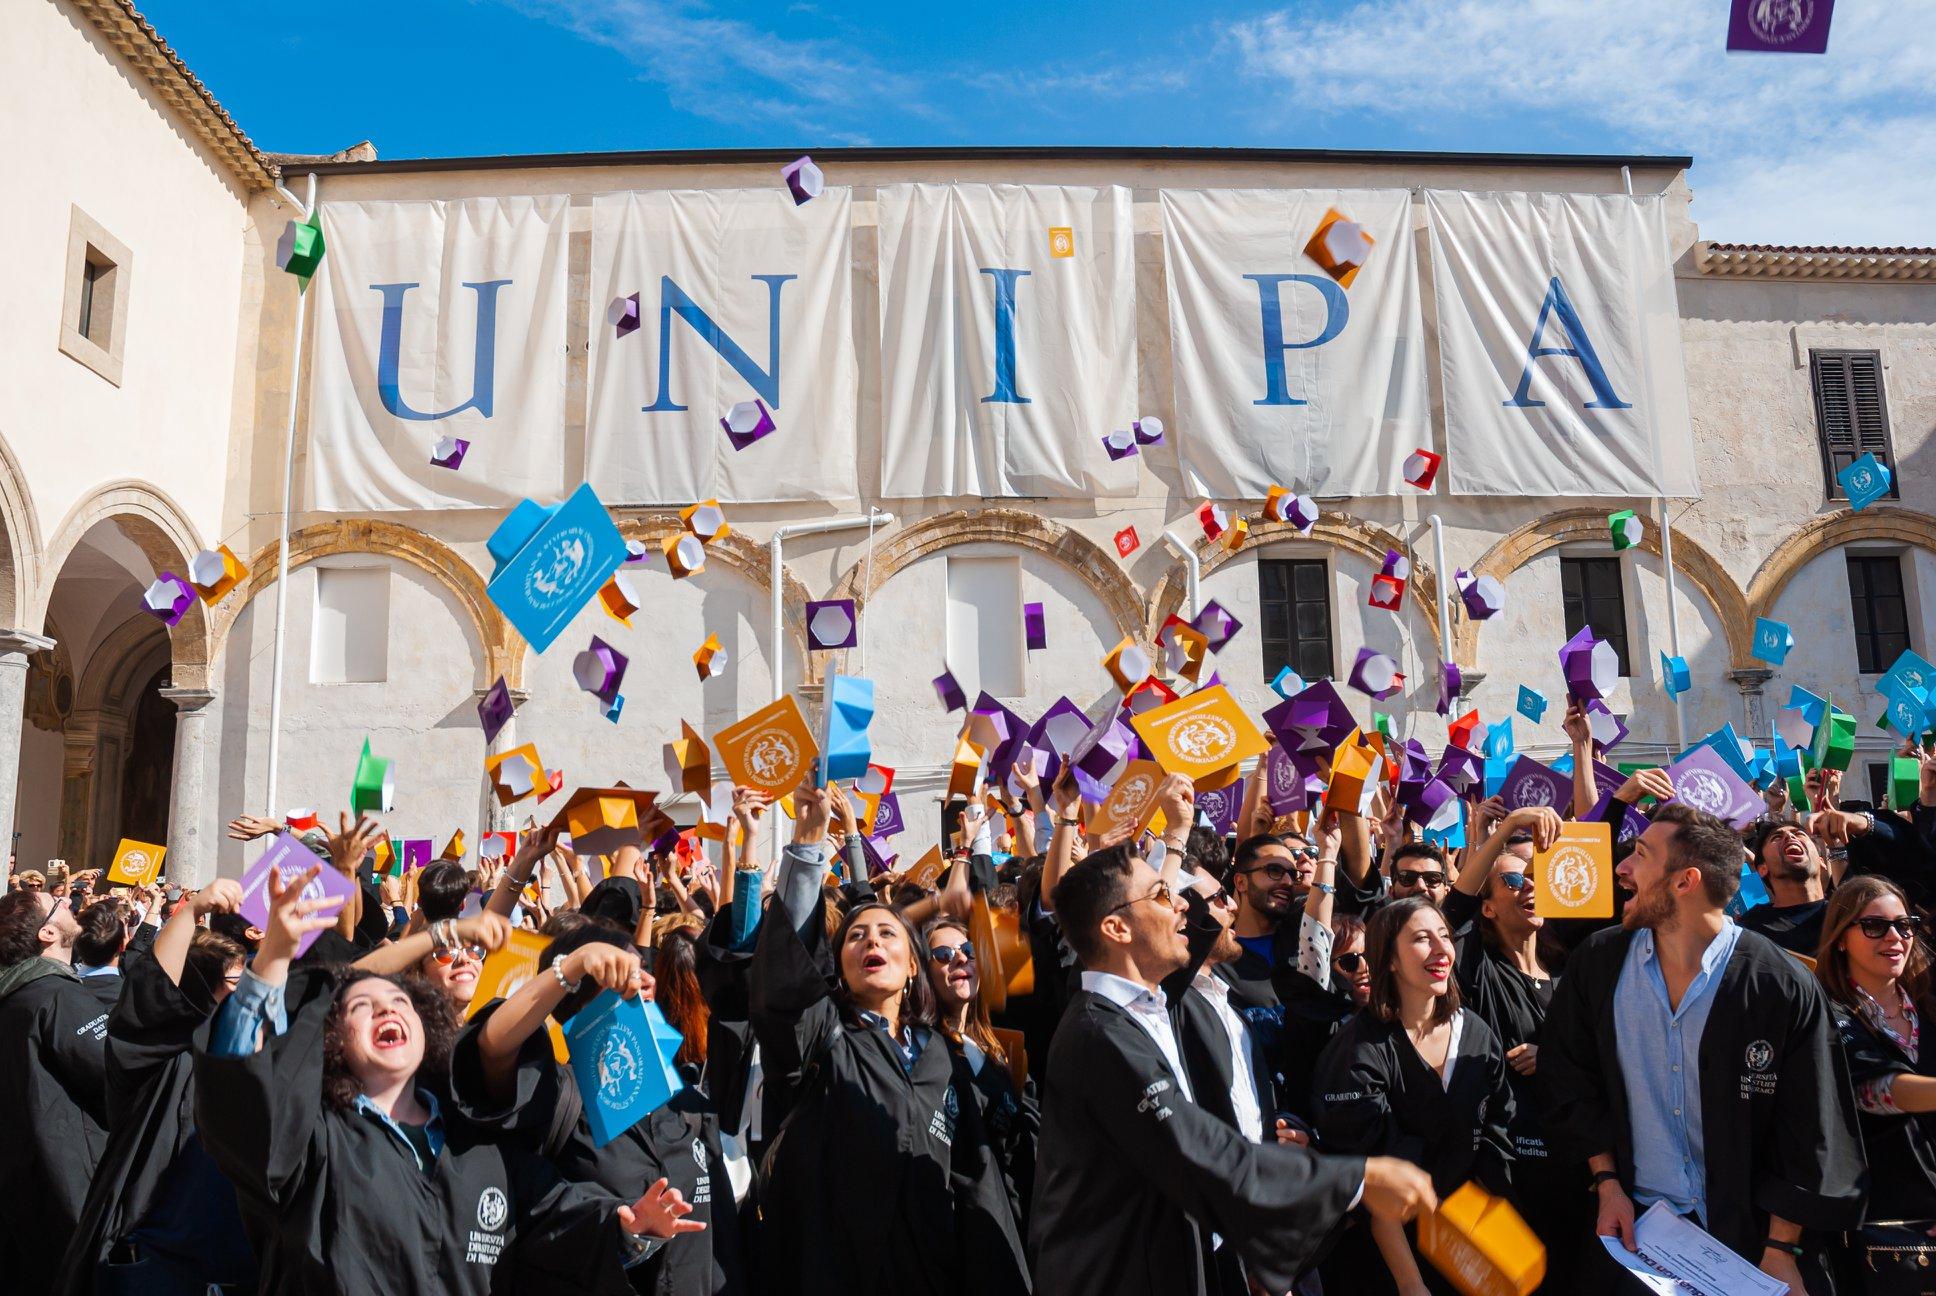 UNIPA – Offerta formativa 2020/21: Lauree, Lauree Magistrali e ciclo unico